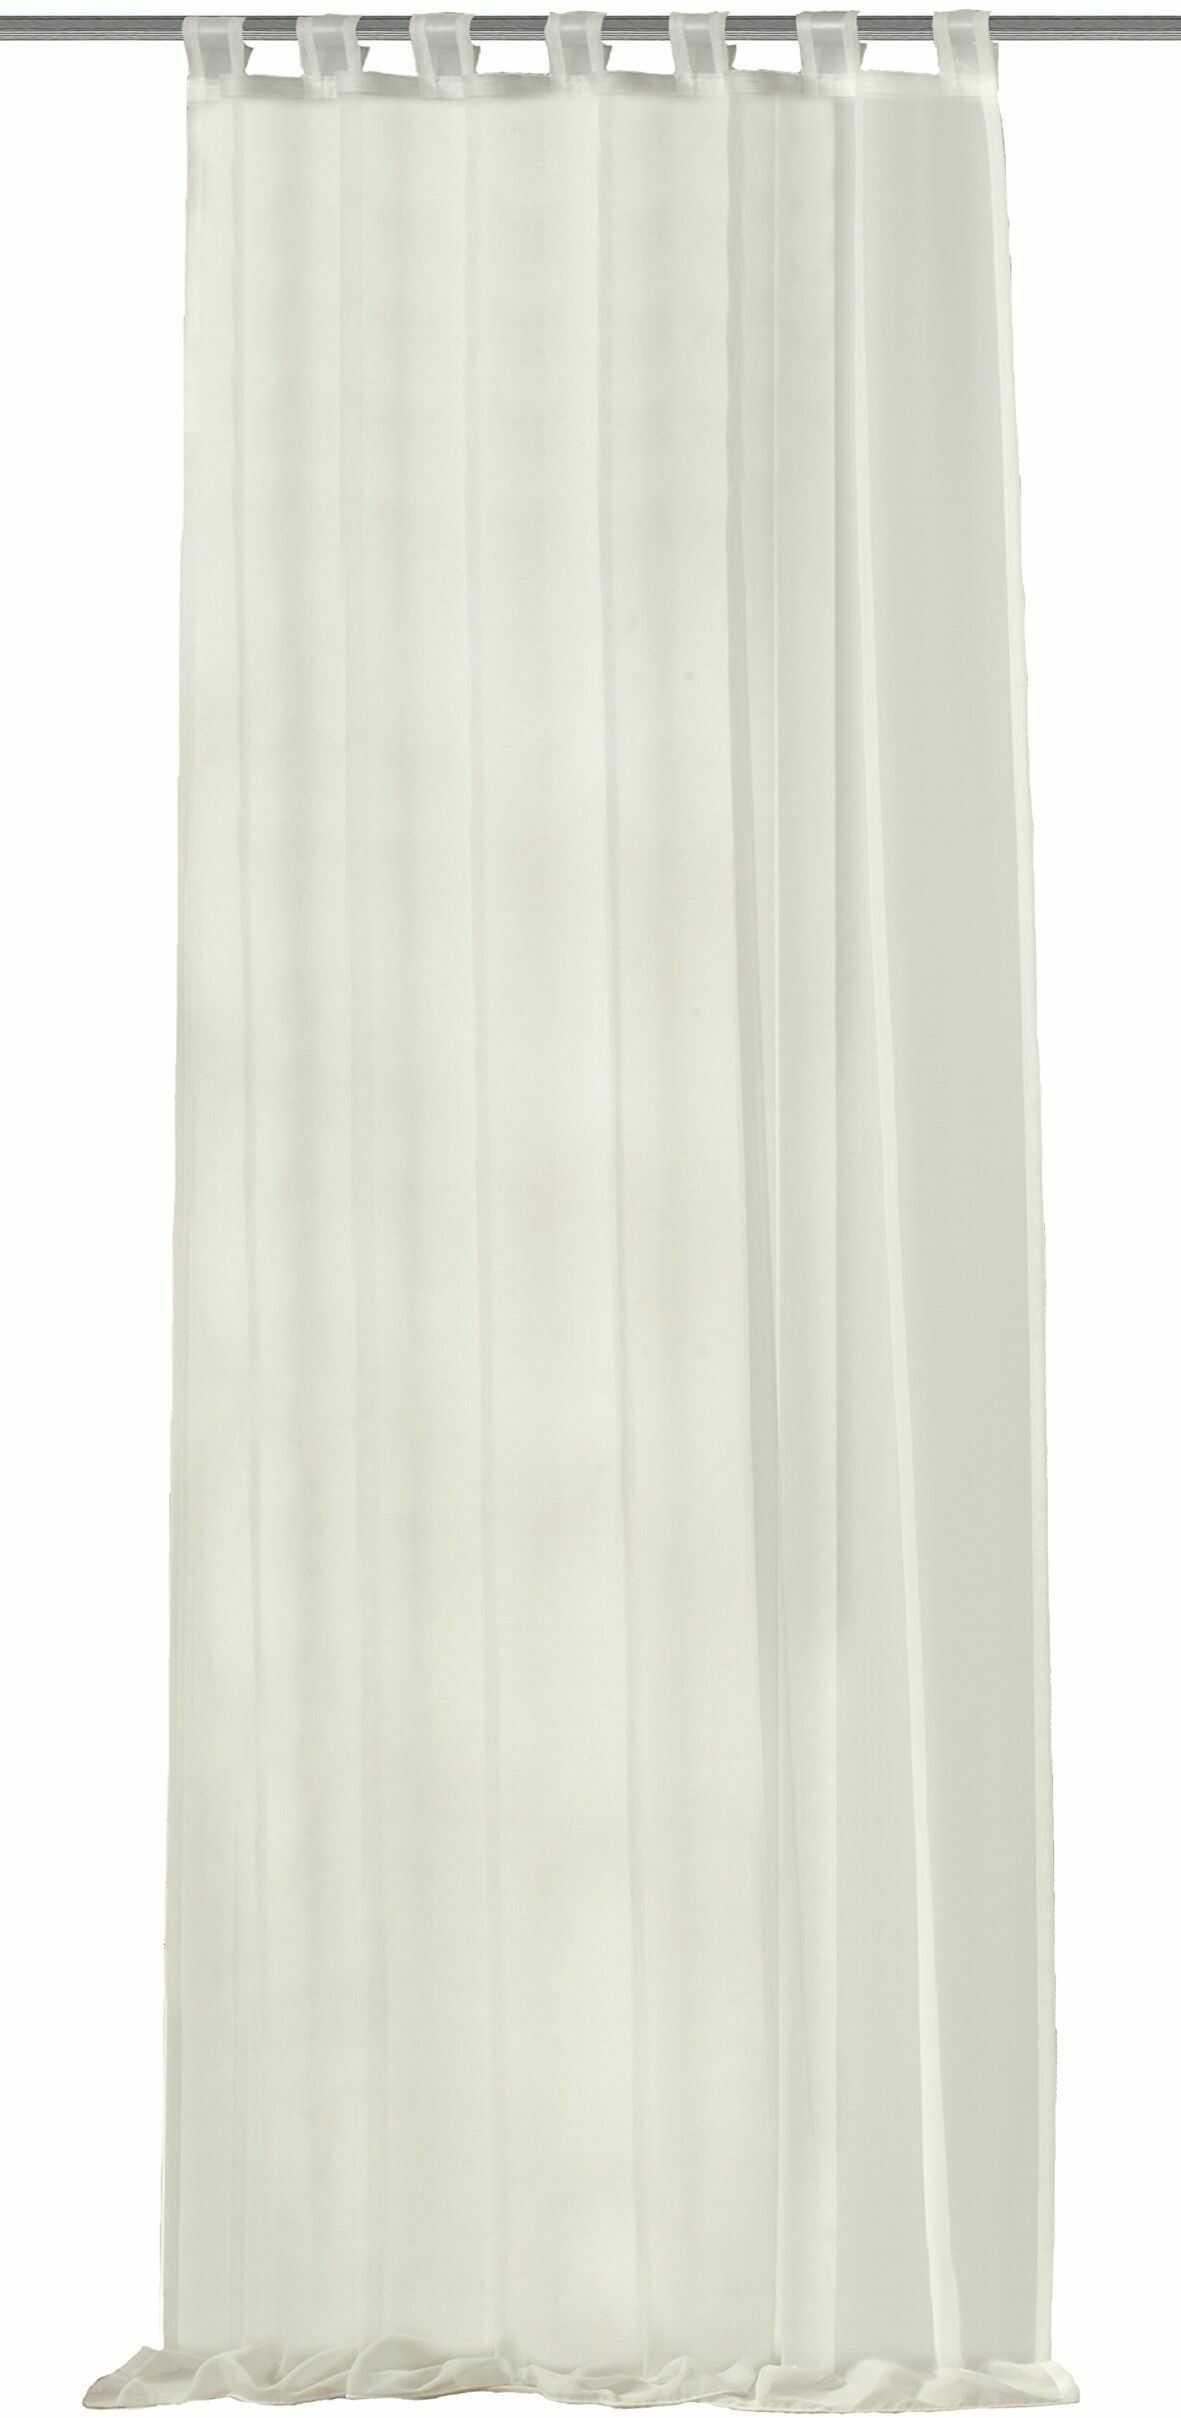 Home fashion zasłona ze szlufkami Uni woal, poliester, wełniana biel, 245 x 140 cm